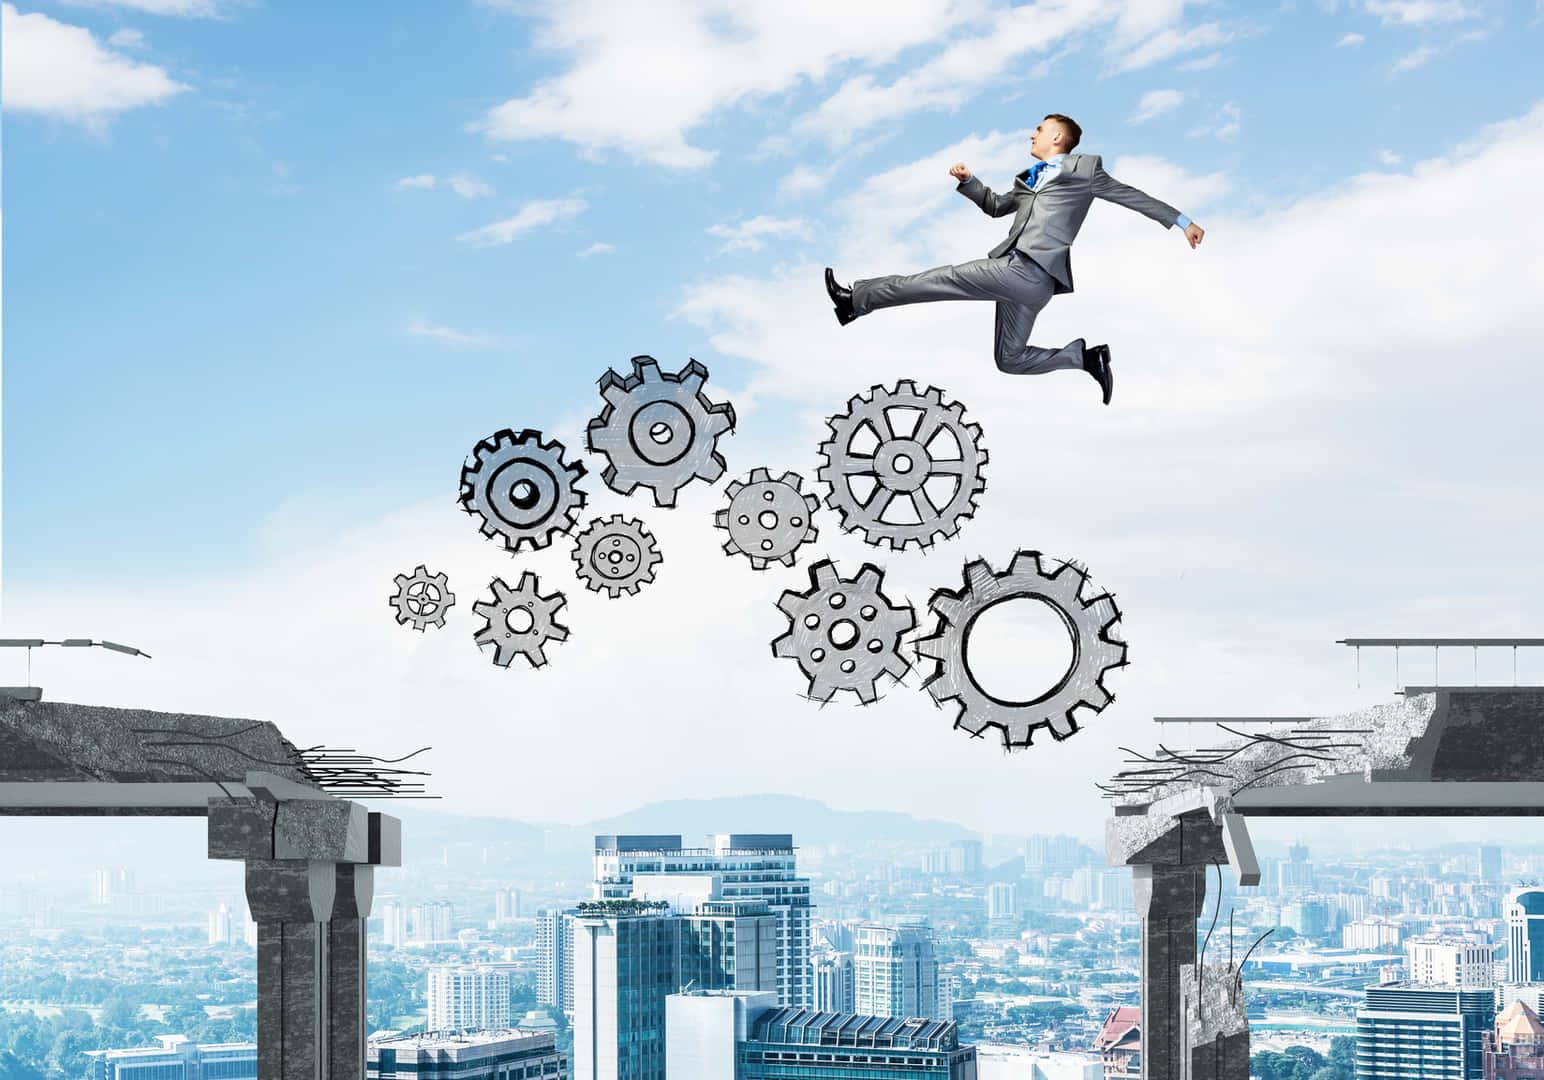 投資におけるリスク(=標準偏差)とは?リスクリターンの本当の意味をわかりやすく解説する。